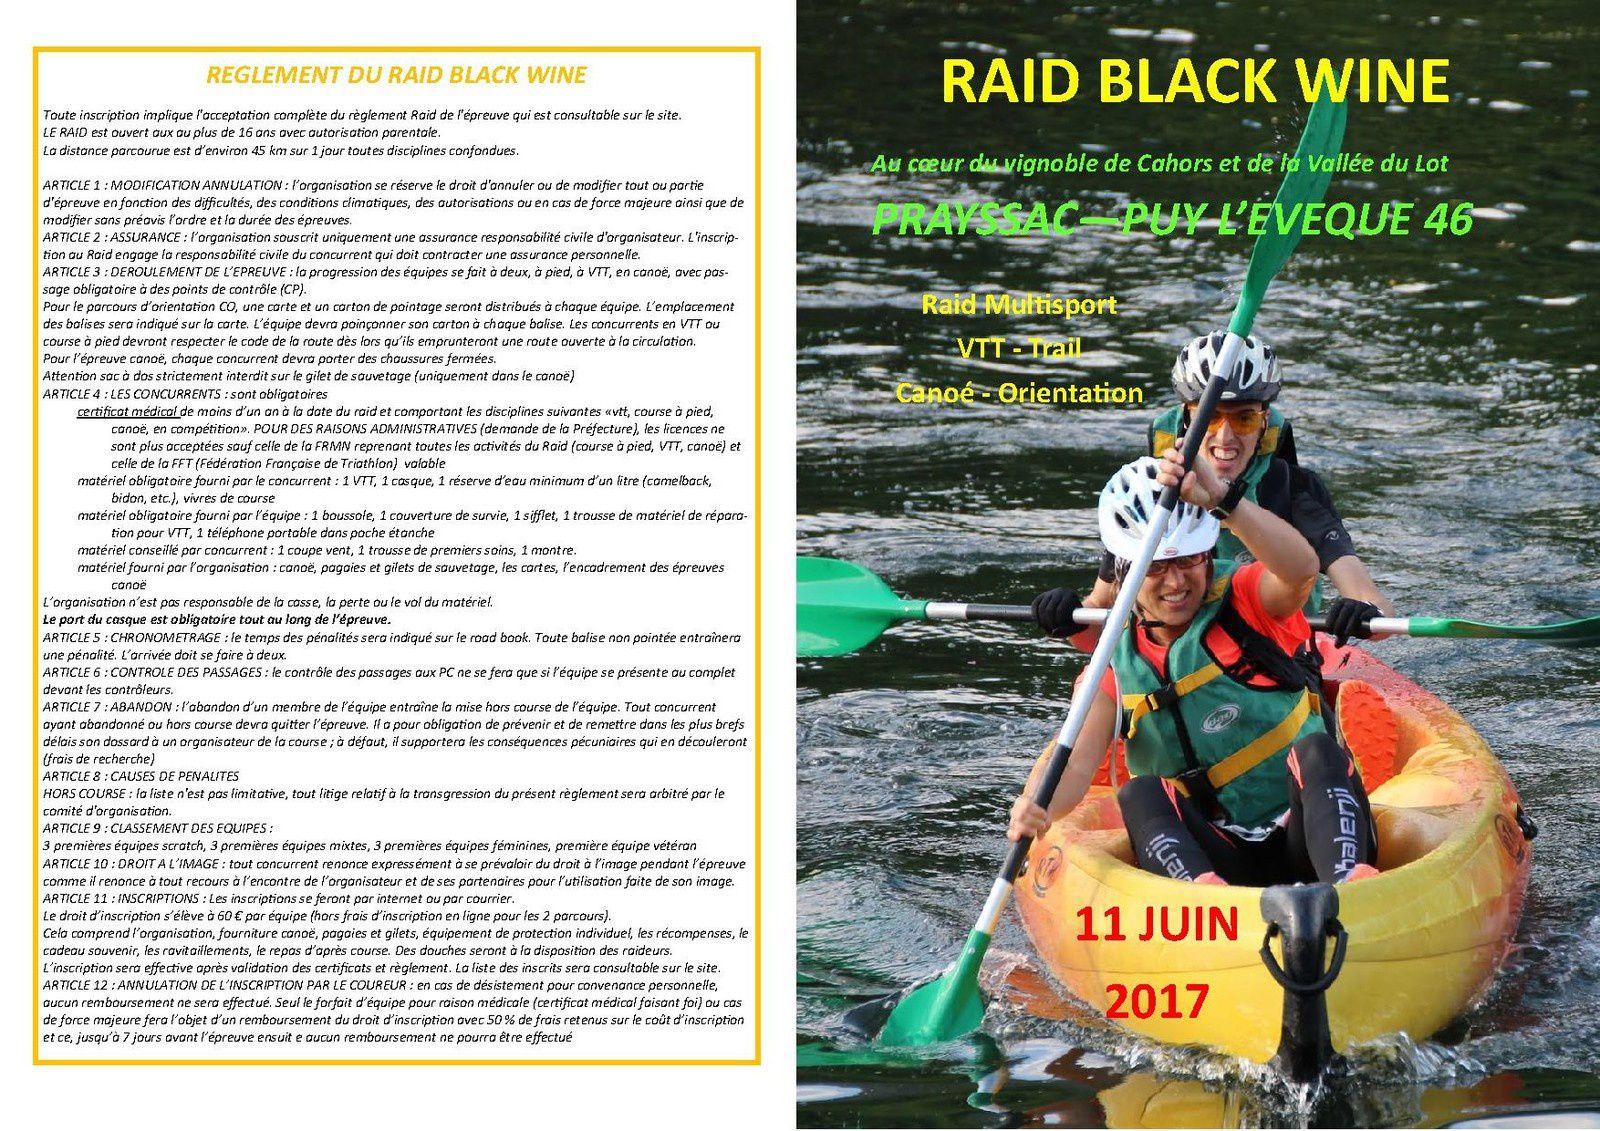 RAID BLACK WINE 2017